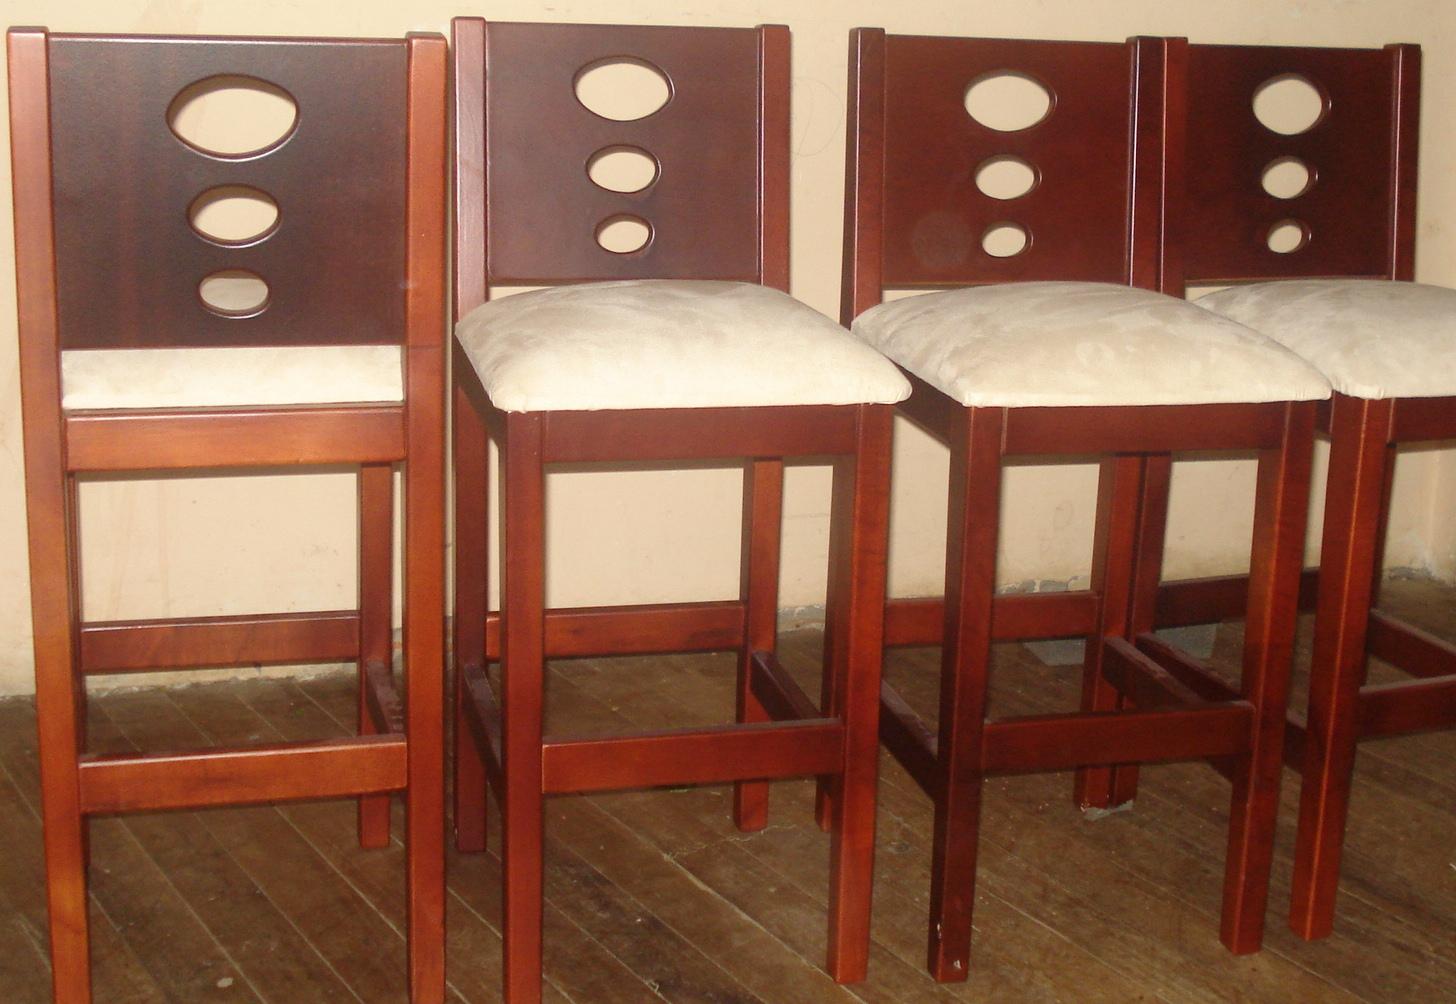 Sociedad decorativa en maderas muebles para su hogar - Sillas cocina madera ...